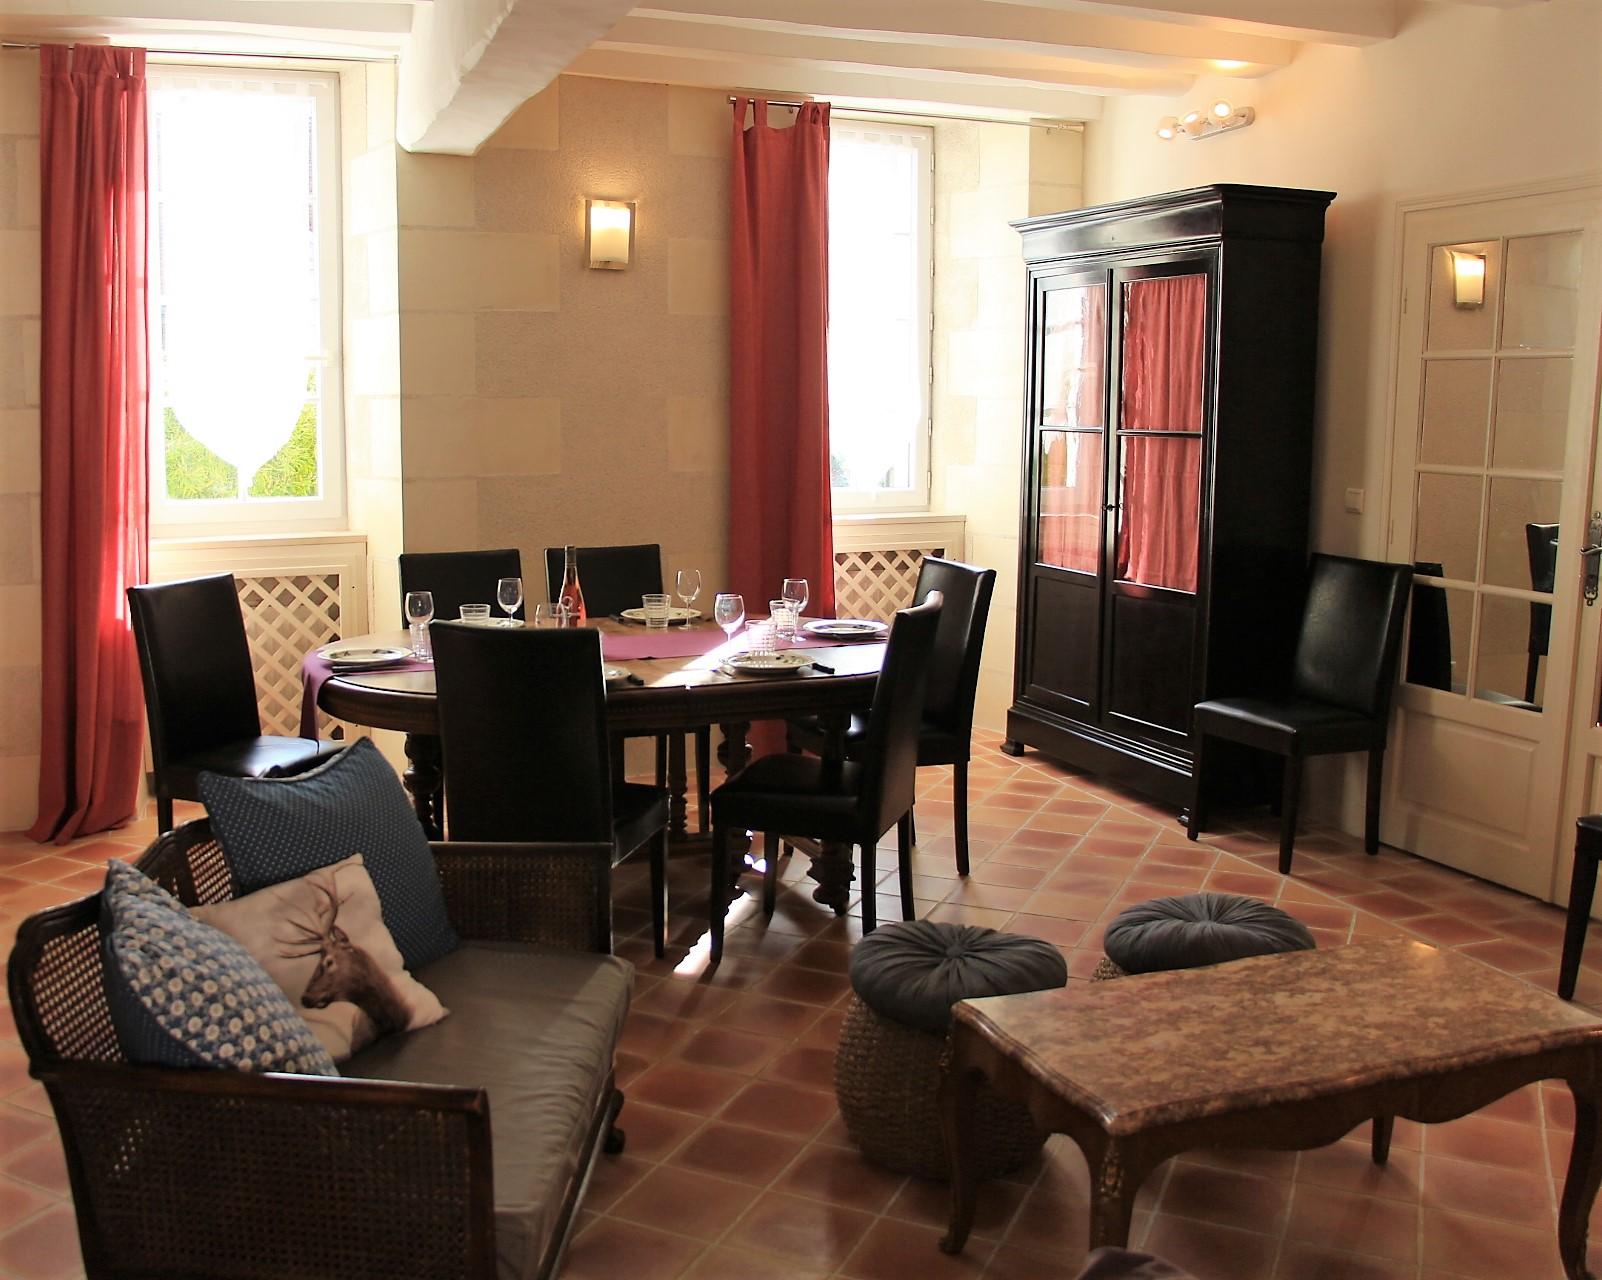 Le salon Gite de l'Amandier Chenonceaux